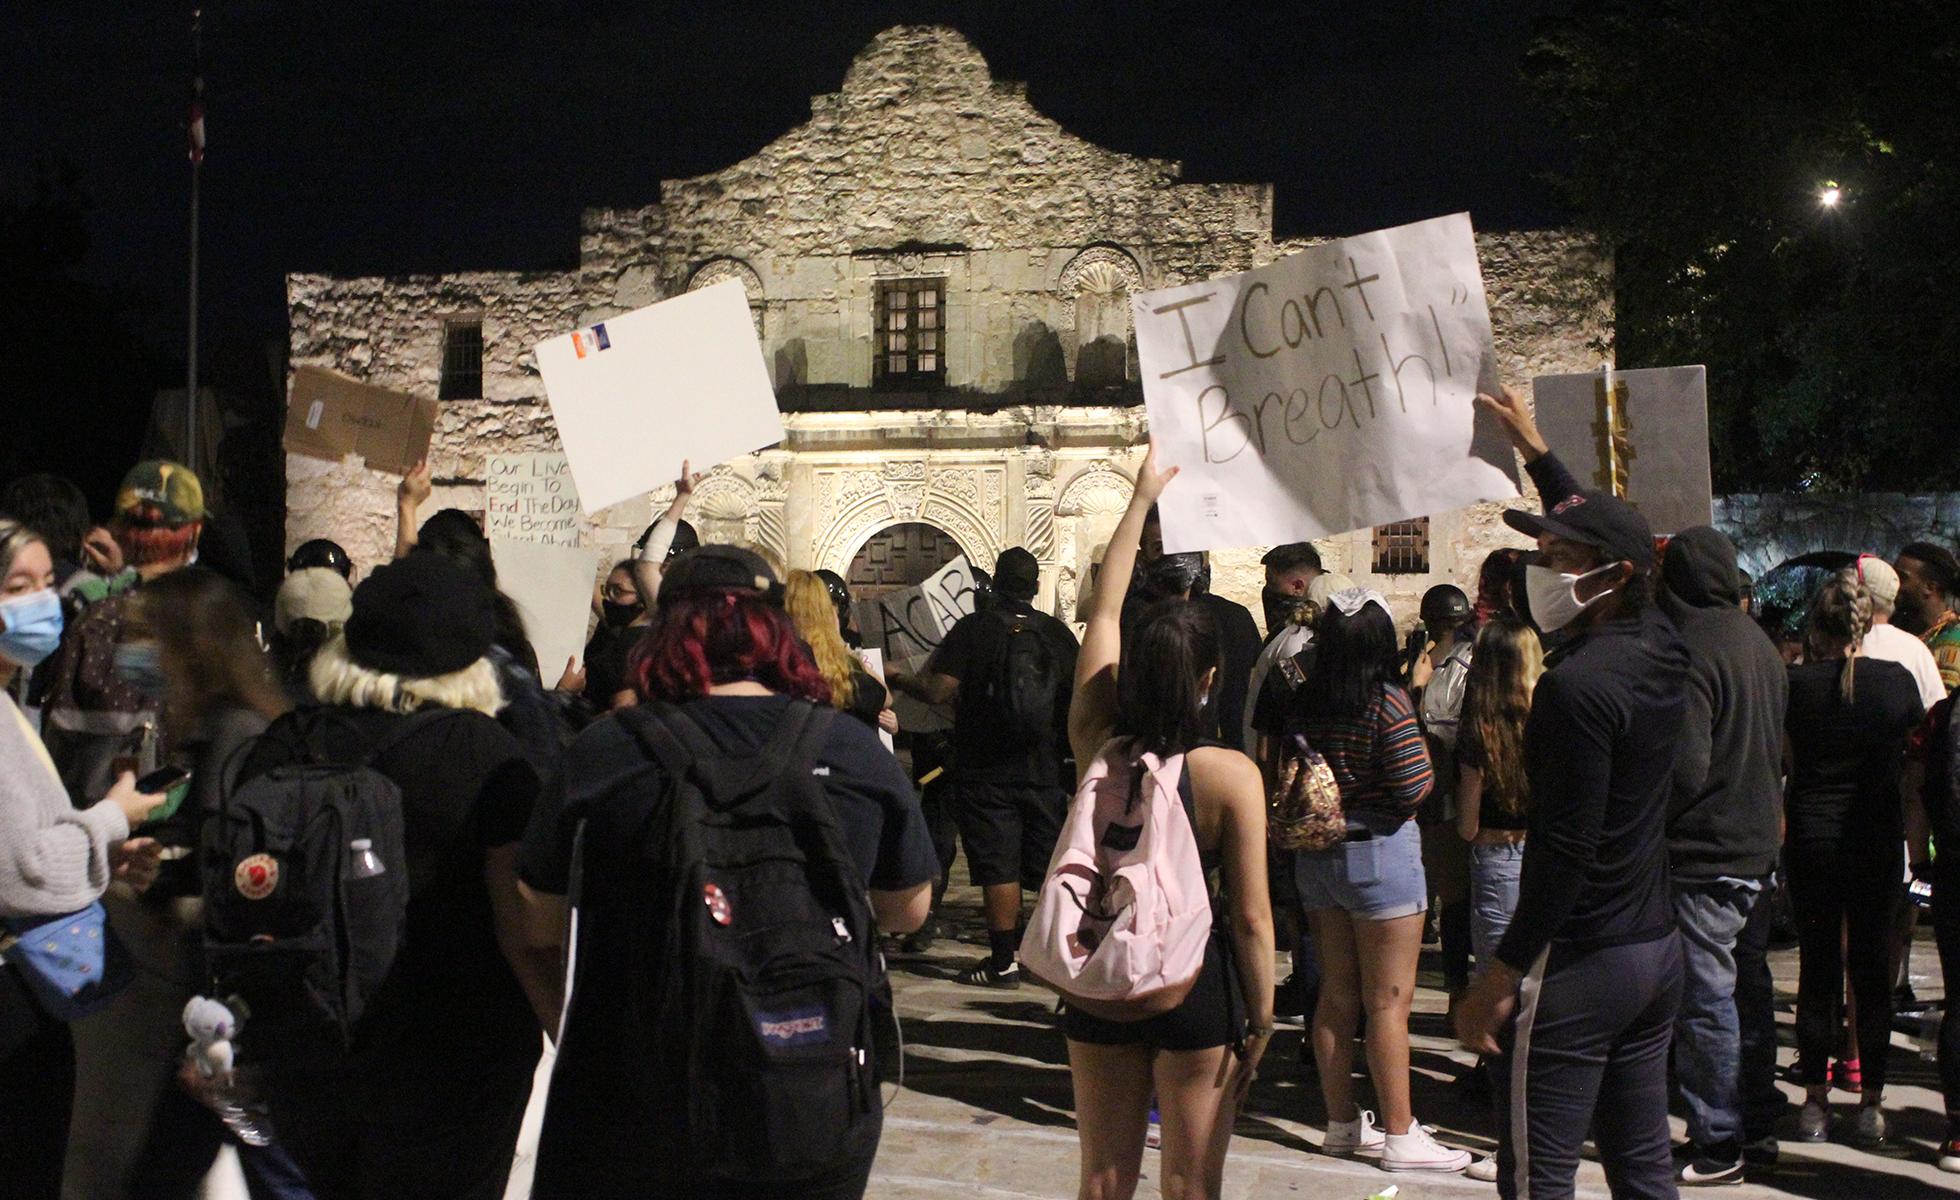 protesters outside the alamo